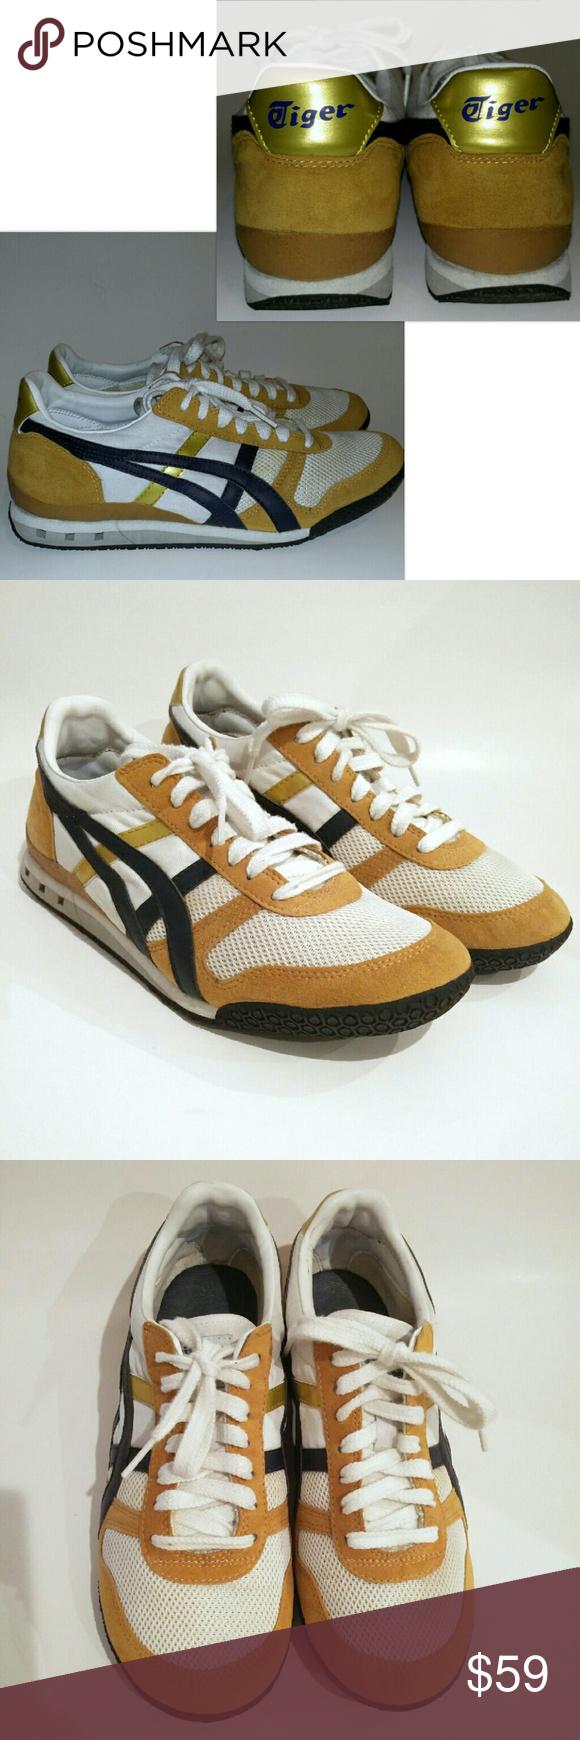 Onitsuka Tiger Asics HN201 Yellow Gold